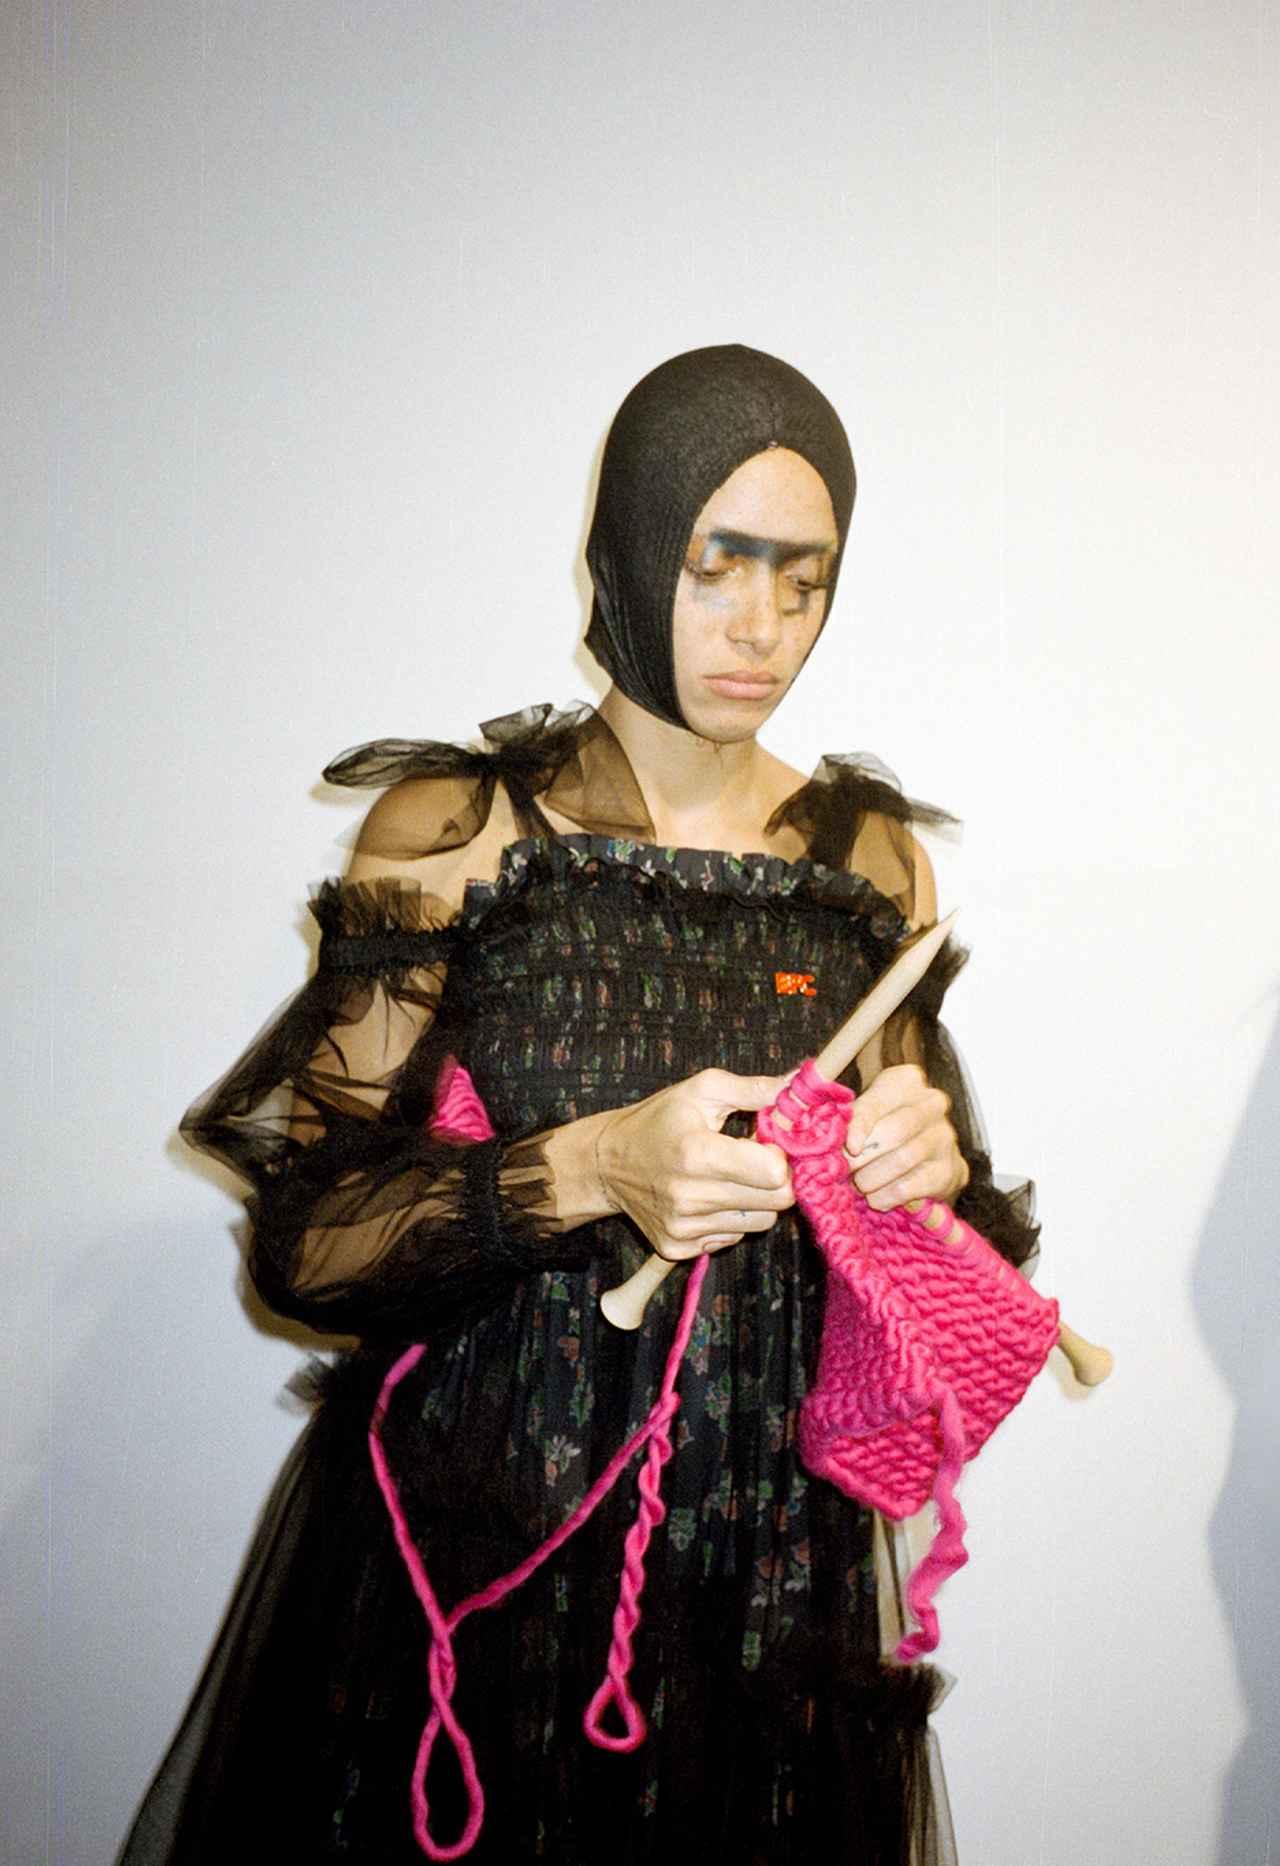 Images : 編み物はお手のもの|金曜日 PM4:55